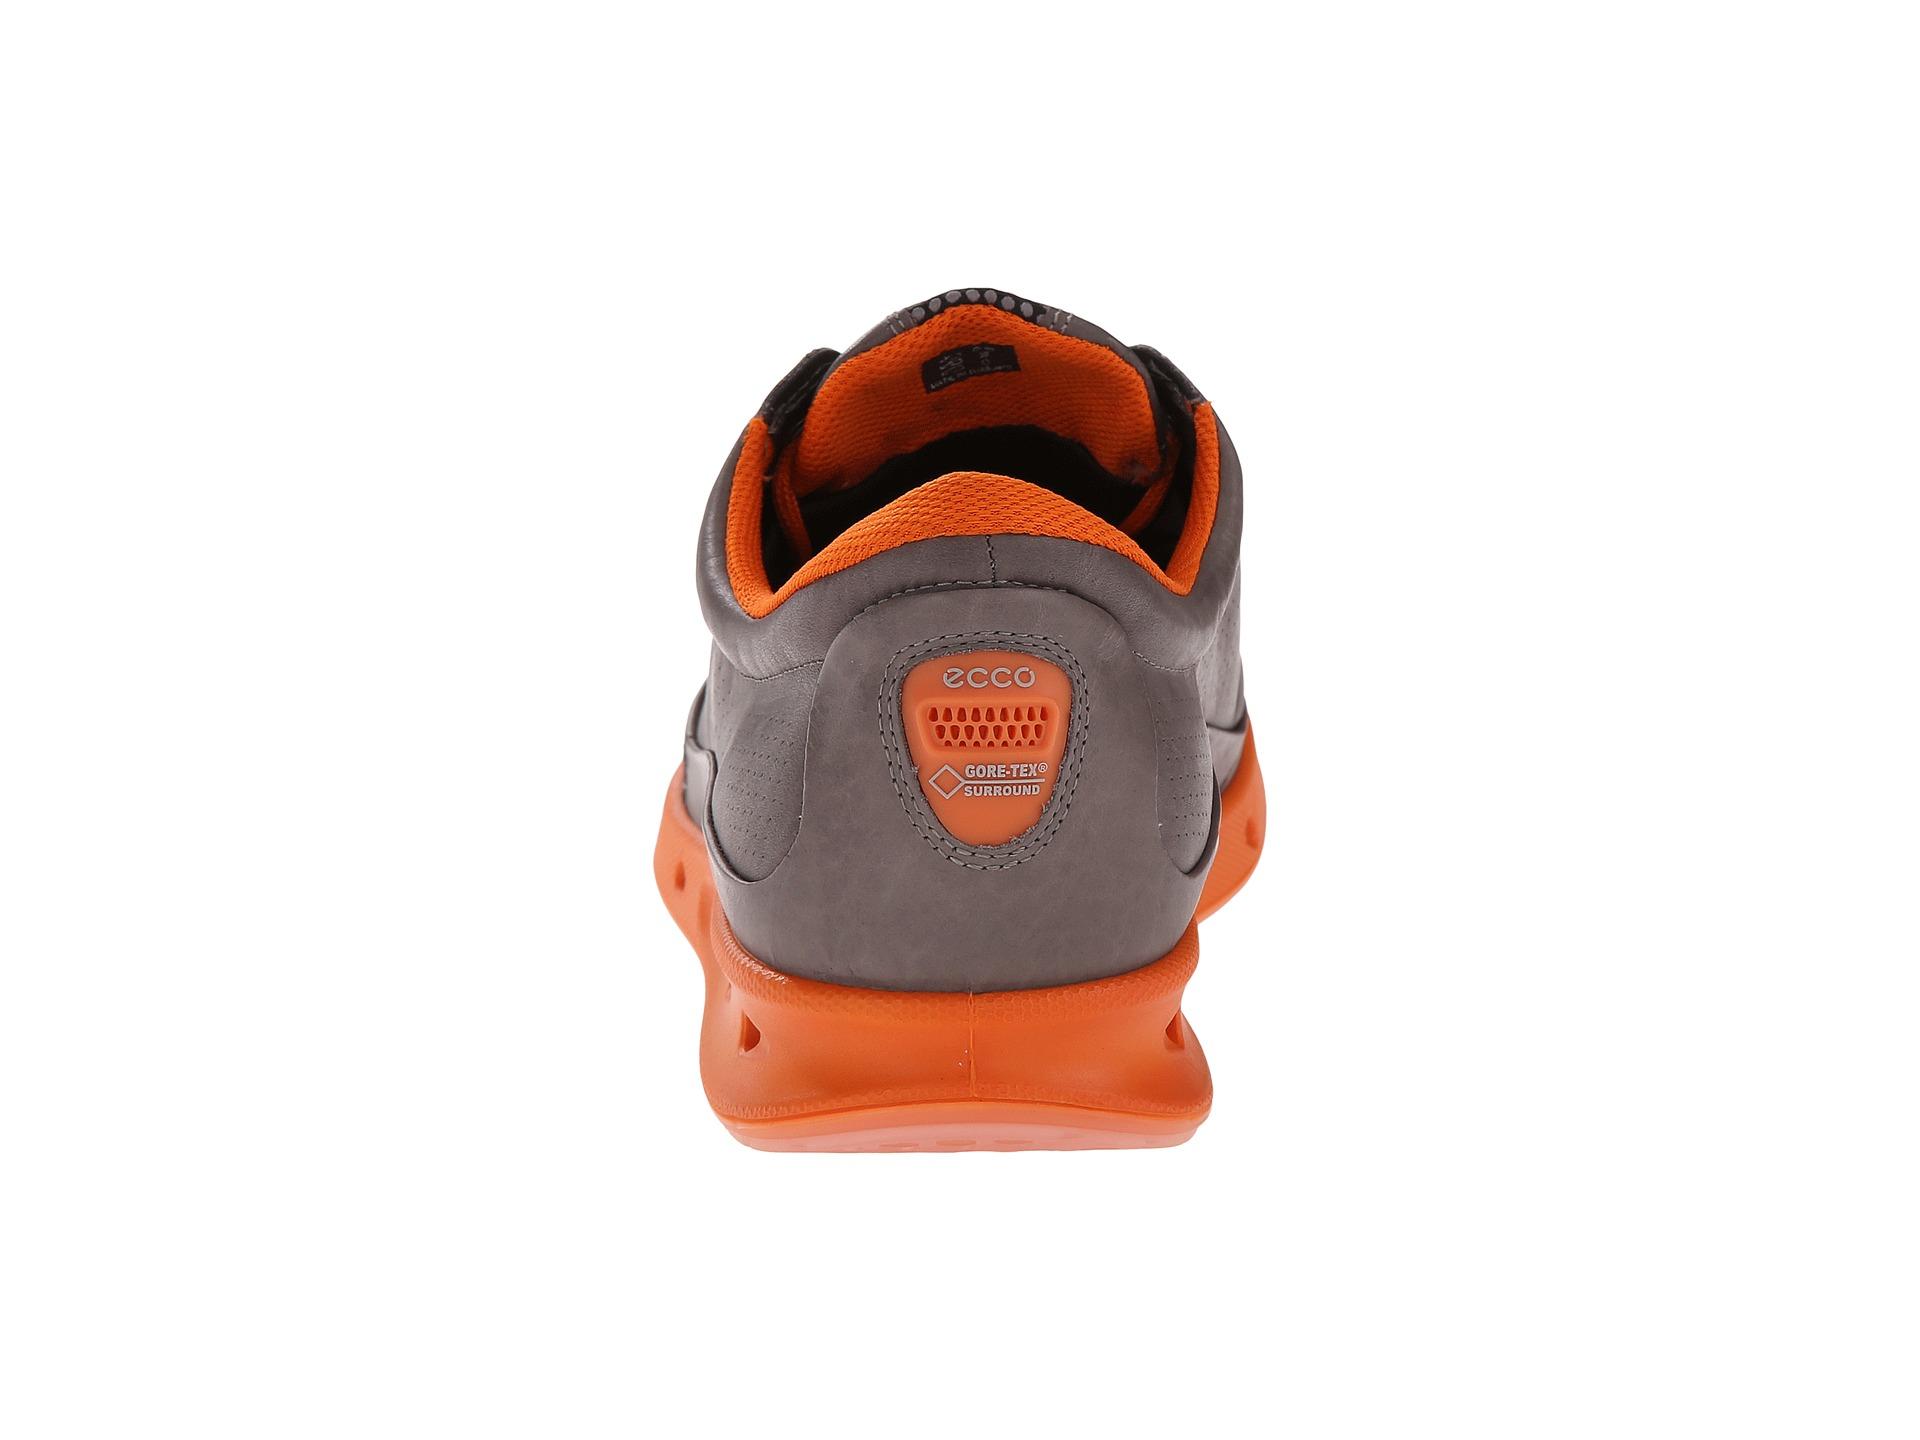 b7bc39f704f Lyst - Ecco Ecco Cool in Orange for Men